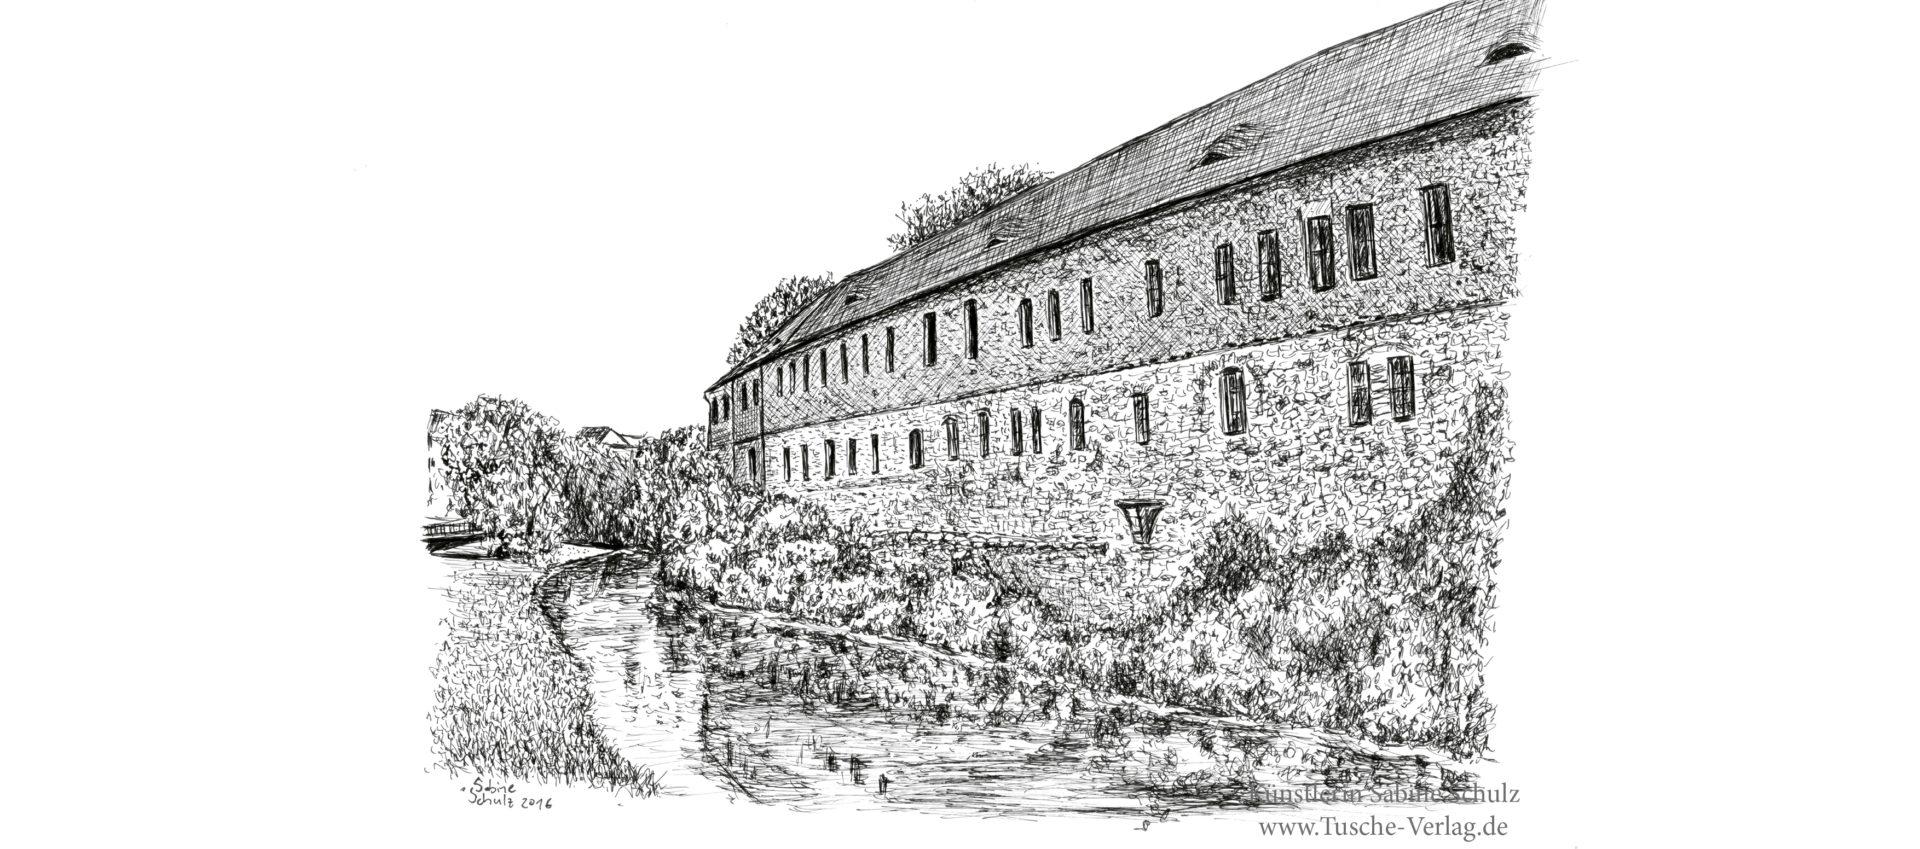 Neue Residenz, Halle (Saale), Sabine Schulz